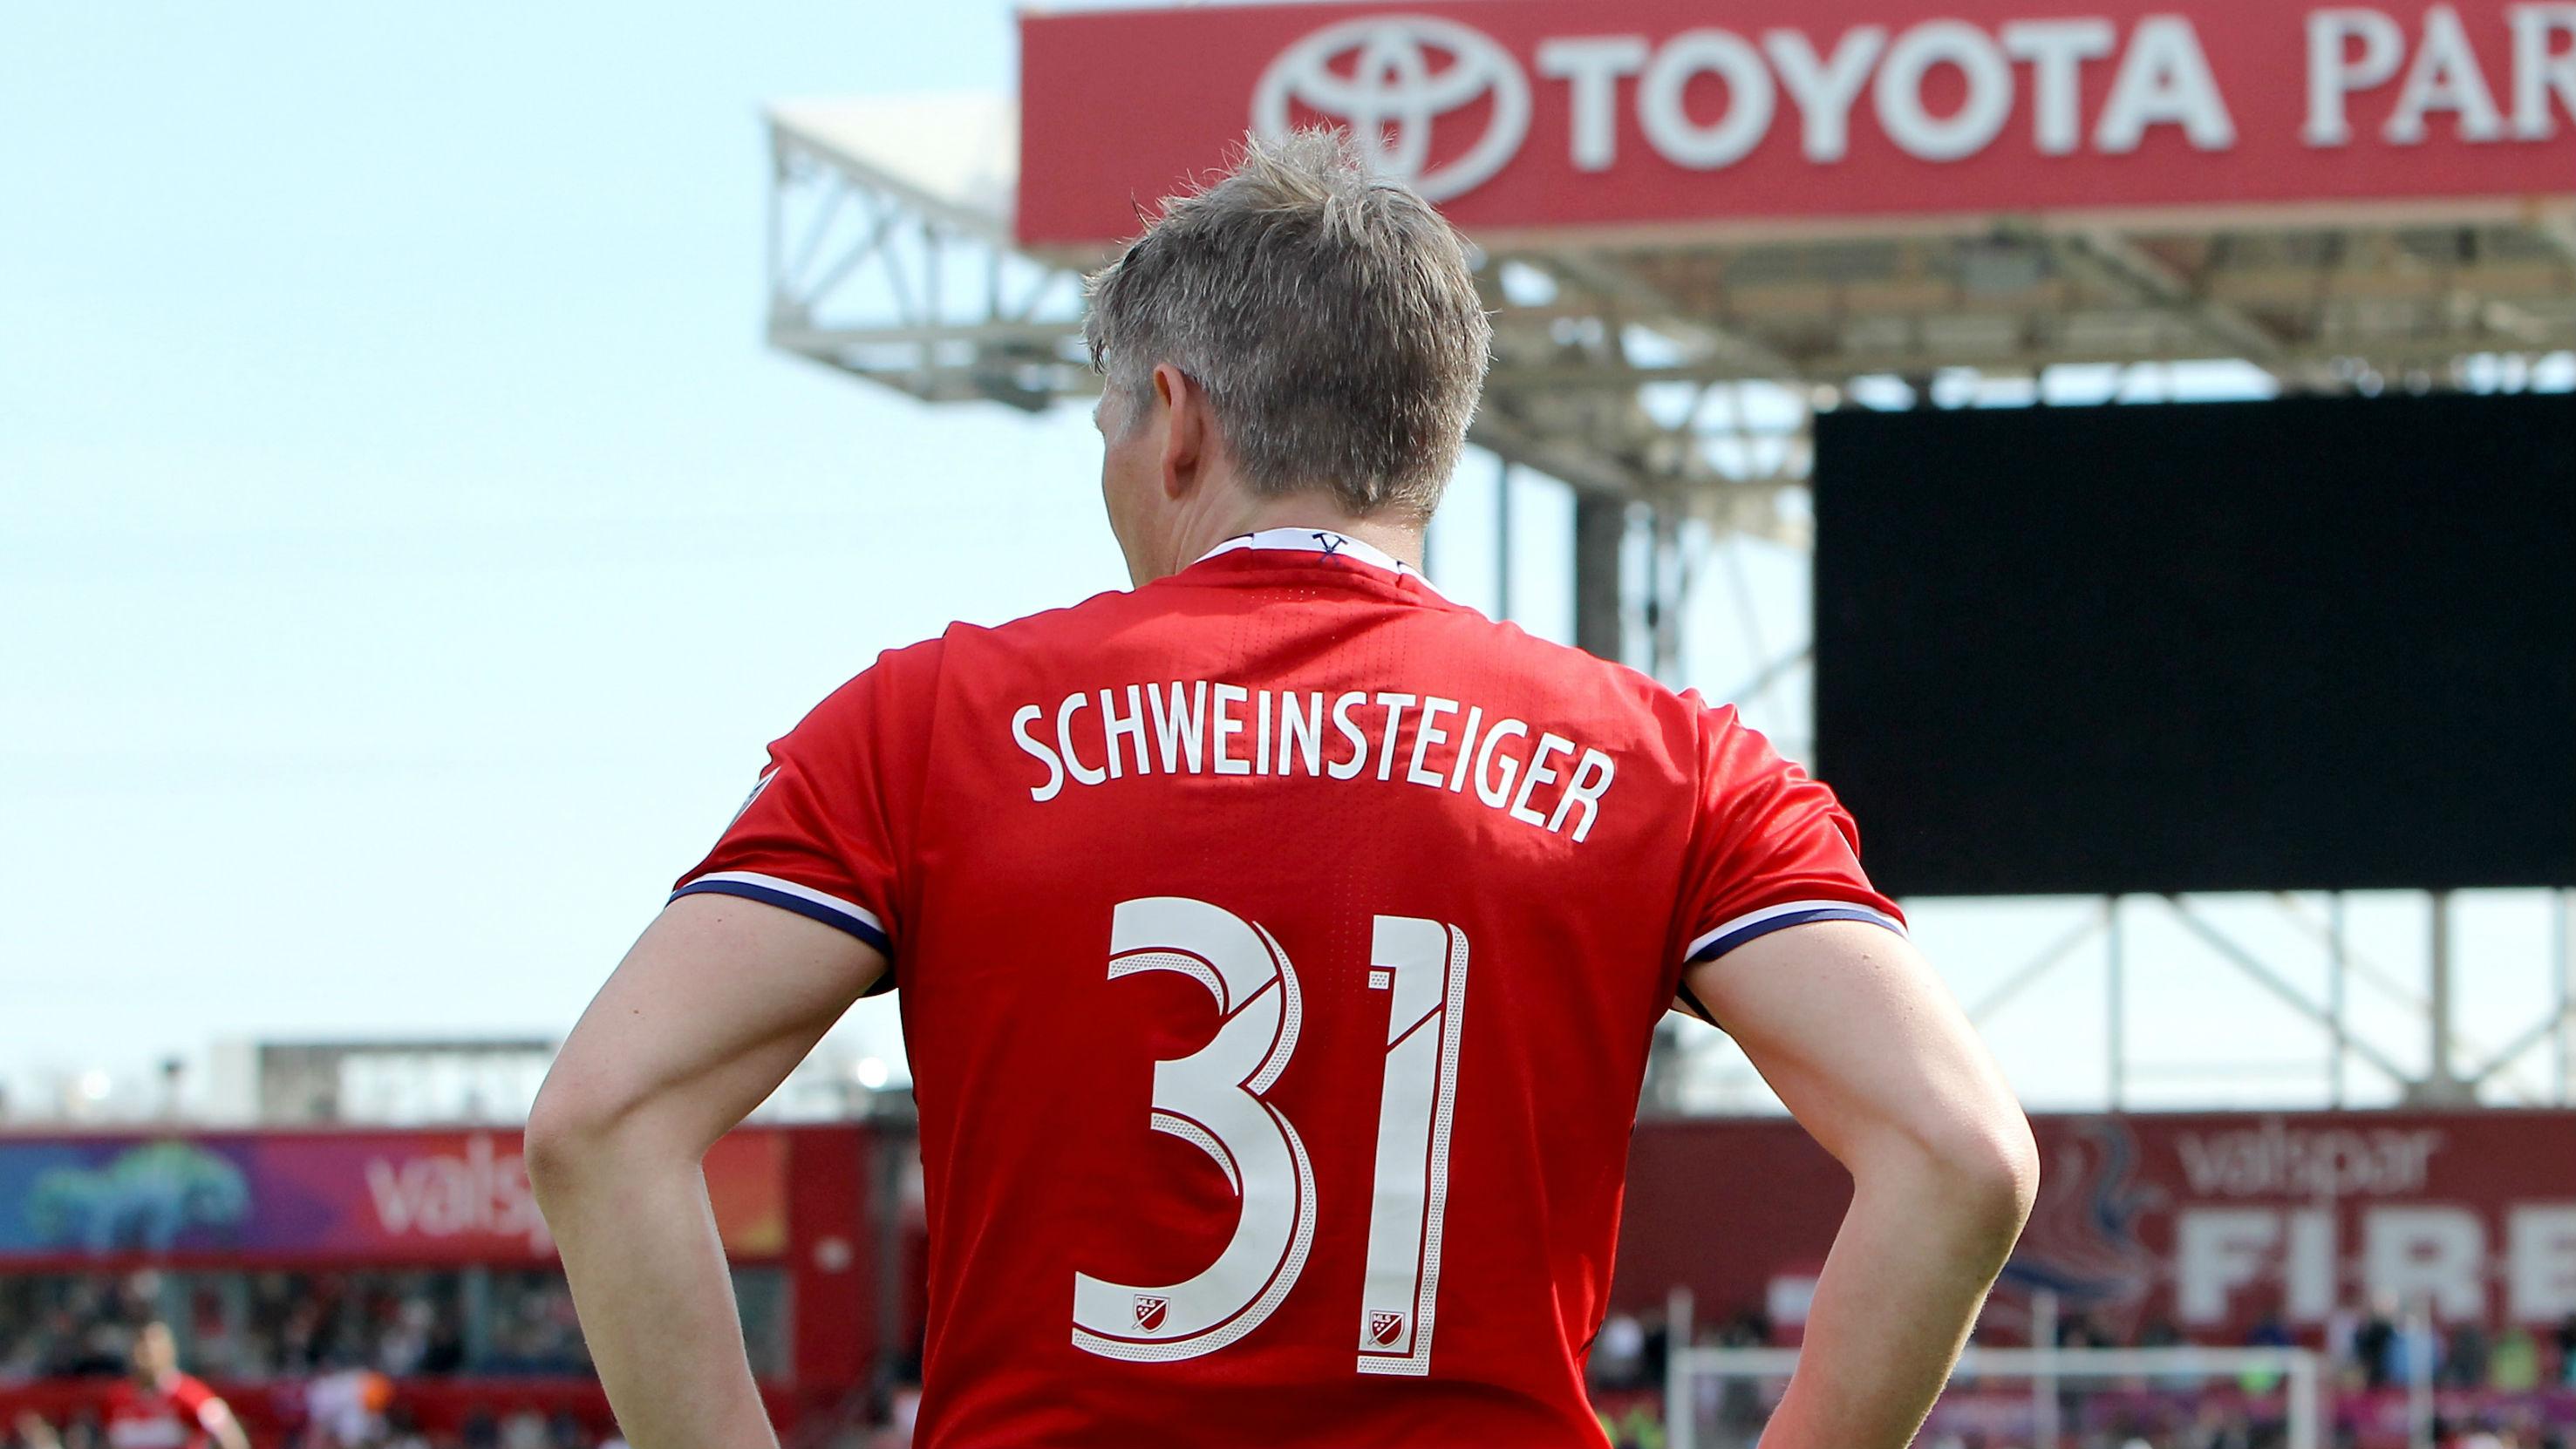 Bastian-schweinsteiger-chicago-fire_71rwtmolq0mf1i6n53gqu26py